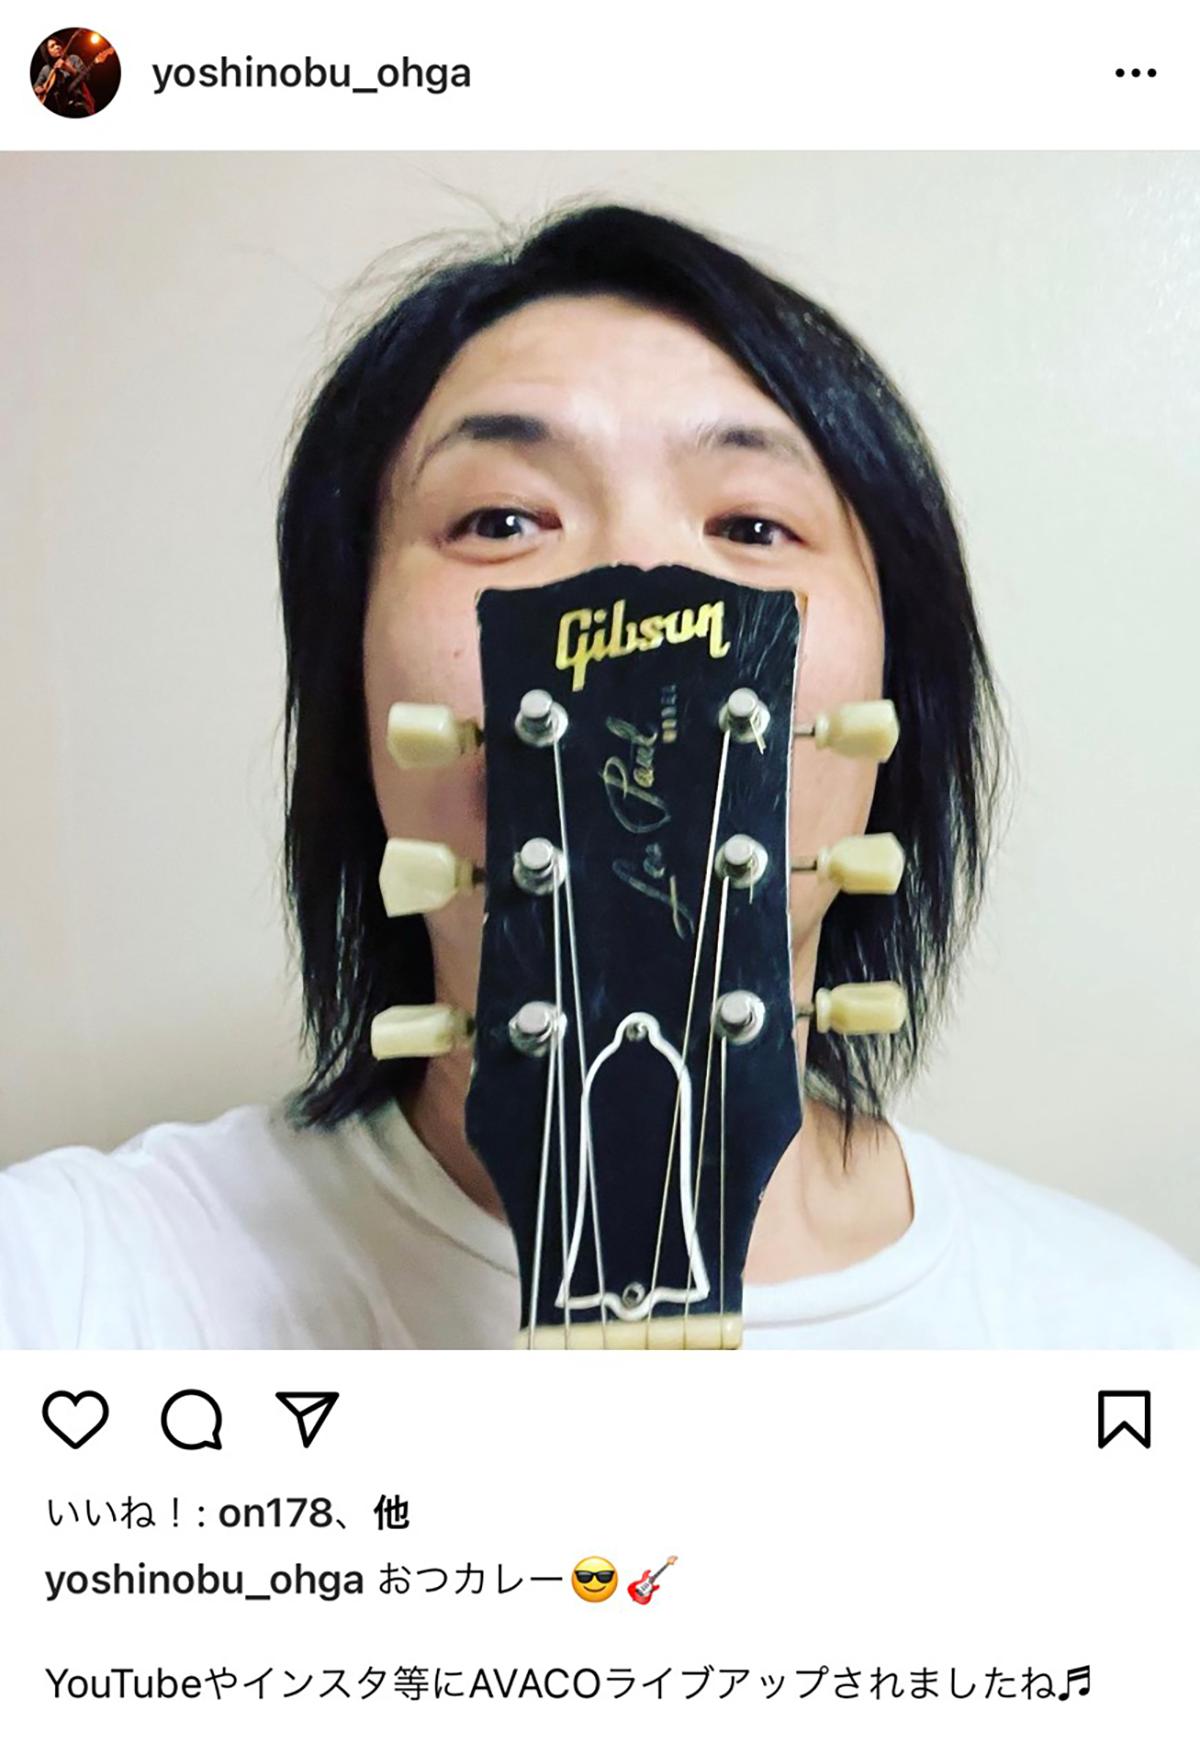 大賀好修がB'zの『AVACO STUDIO』での最新スタジオライブについて言及したInstagramの投稿